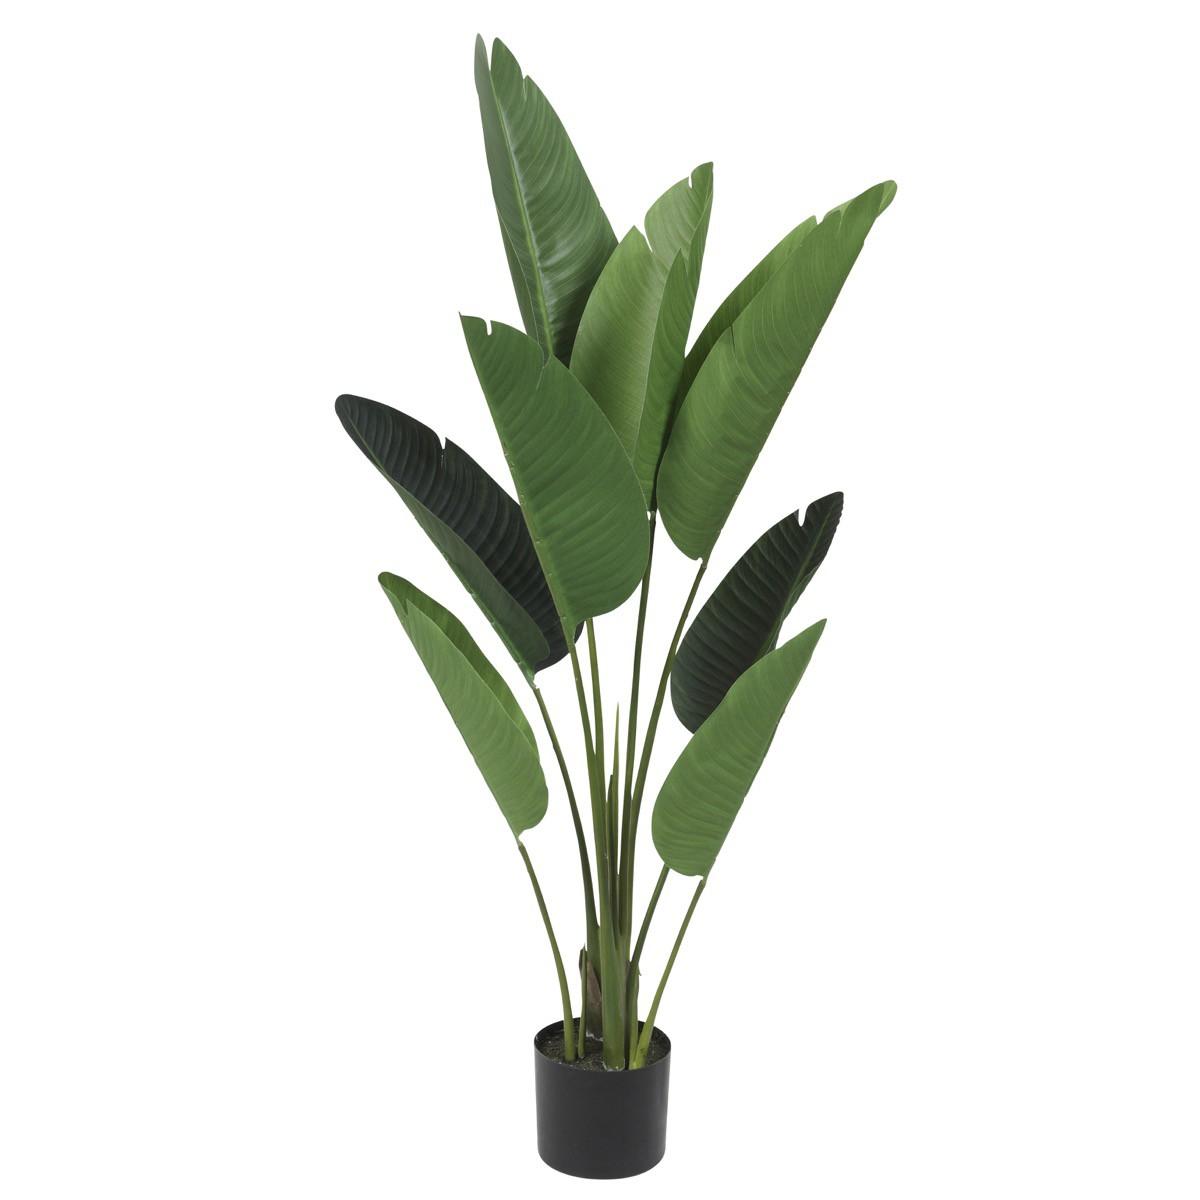 人工観葉植物 フェイクグリーン 観葉植物 造花 オーガスタ 120cm インテリア おしゃれ フェイク グリーン CT触媒 消臭